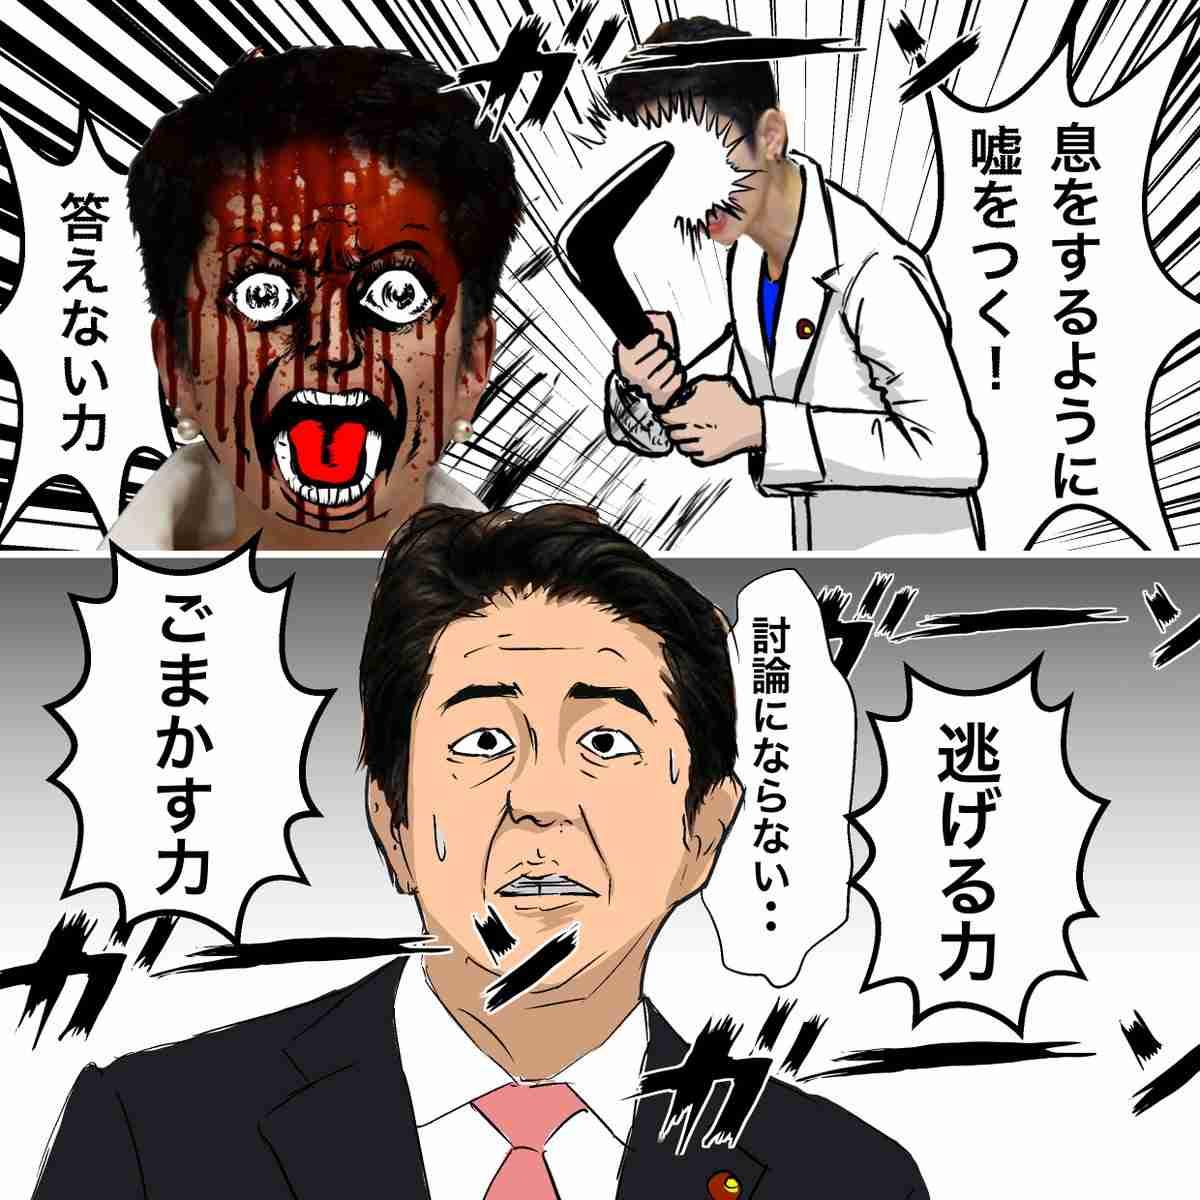 民進蓮舫代表「耳傾けようとしない」安倍晋三首相の姿勢批判